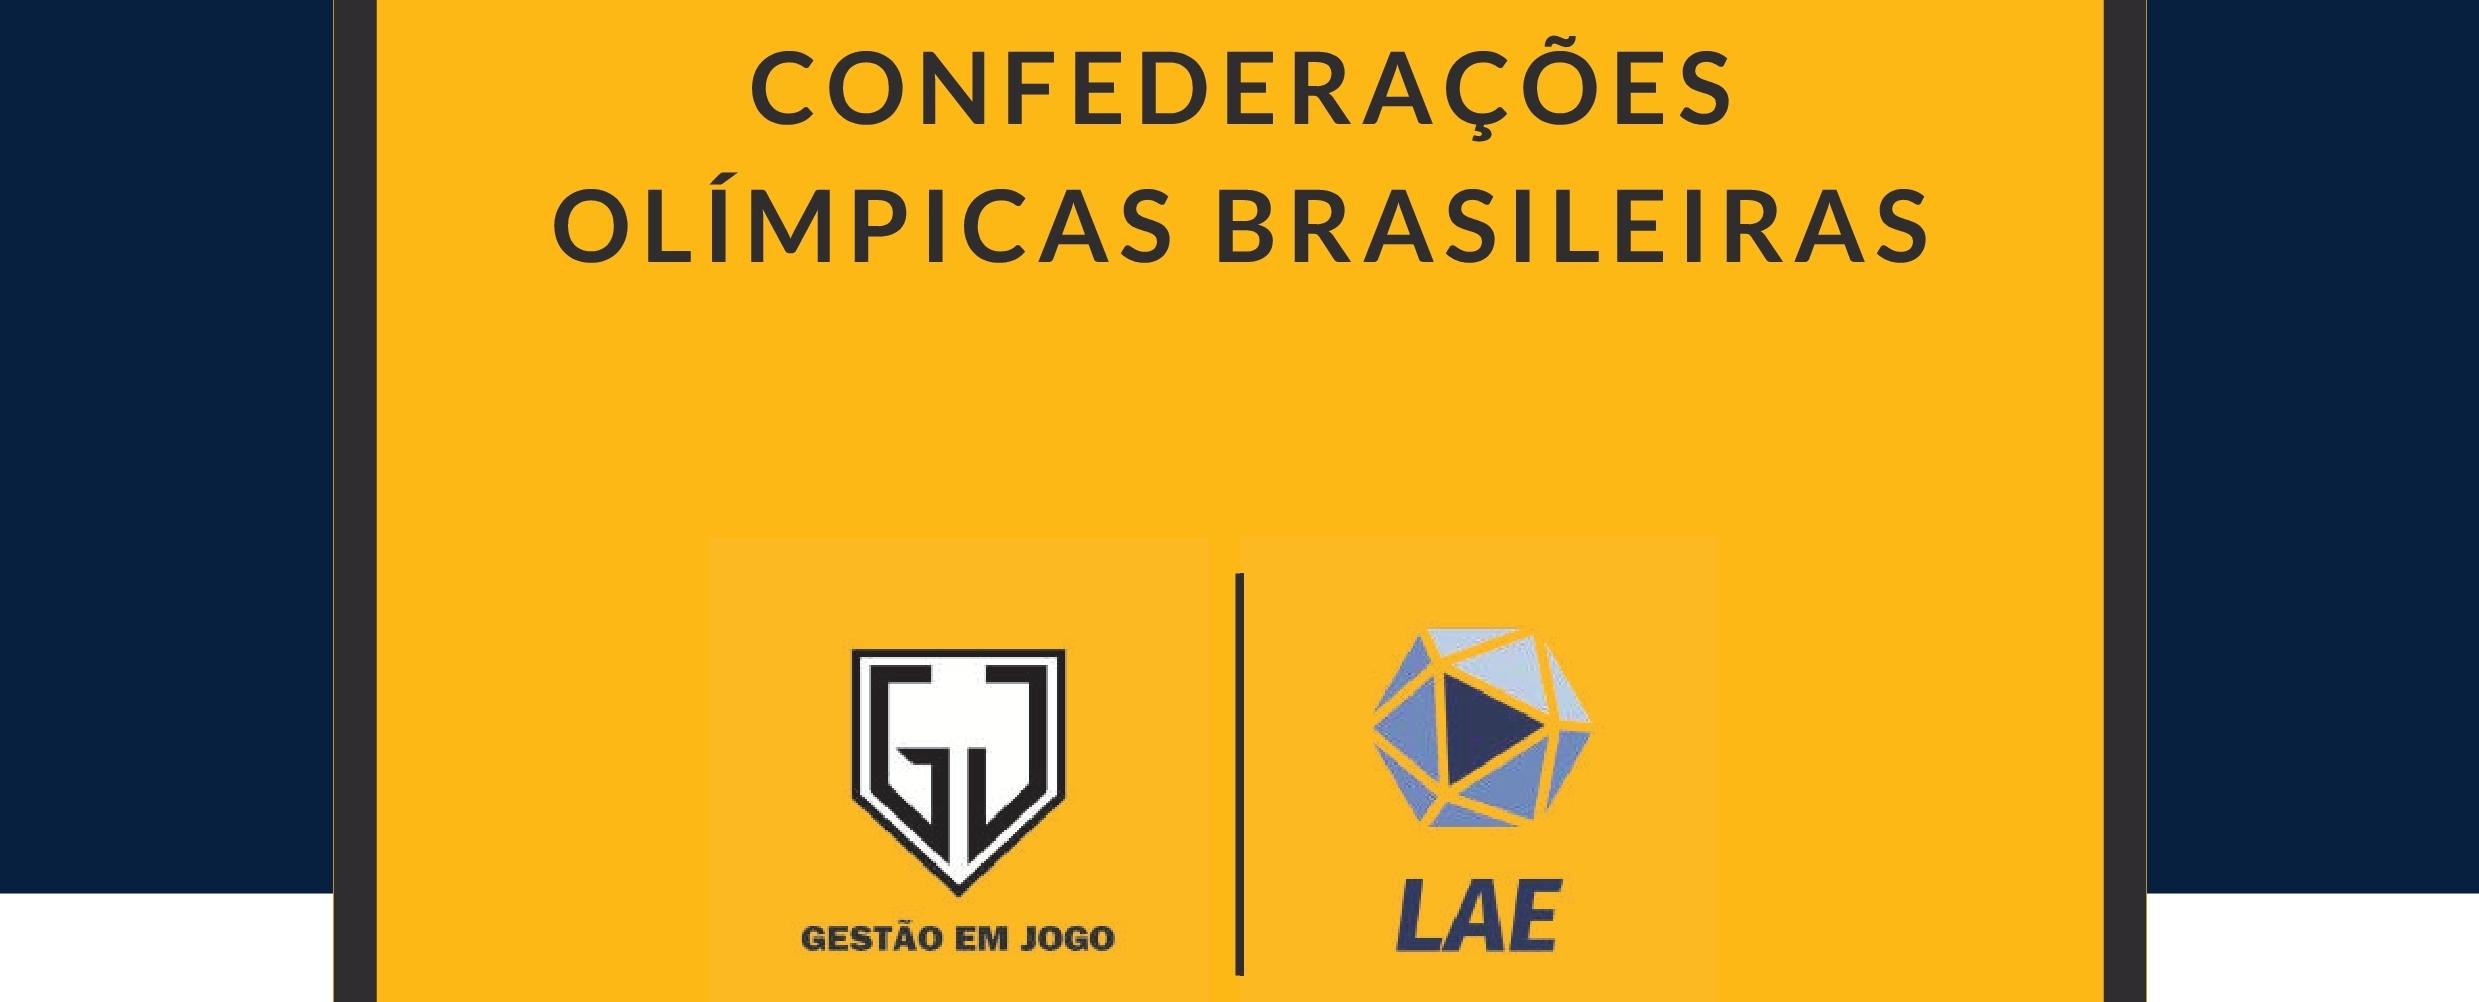 CBE conquista posição no Top 5 no Ranking de Transparência das Confederações Olímpicas Brasileiras